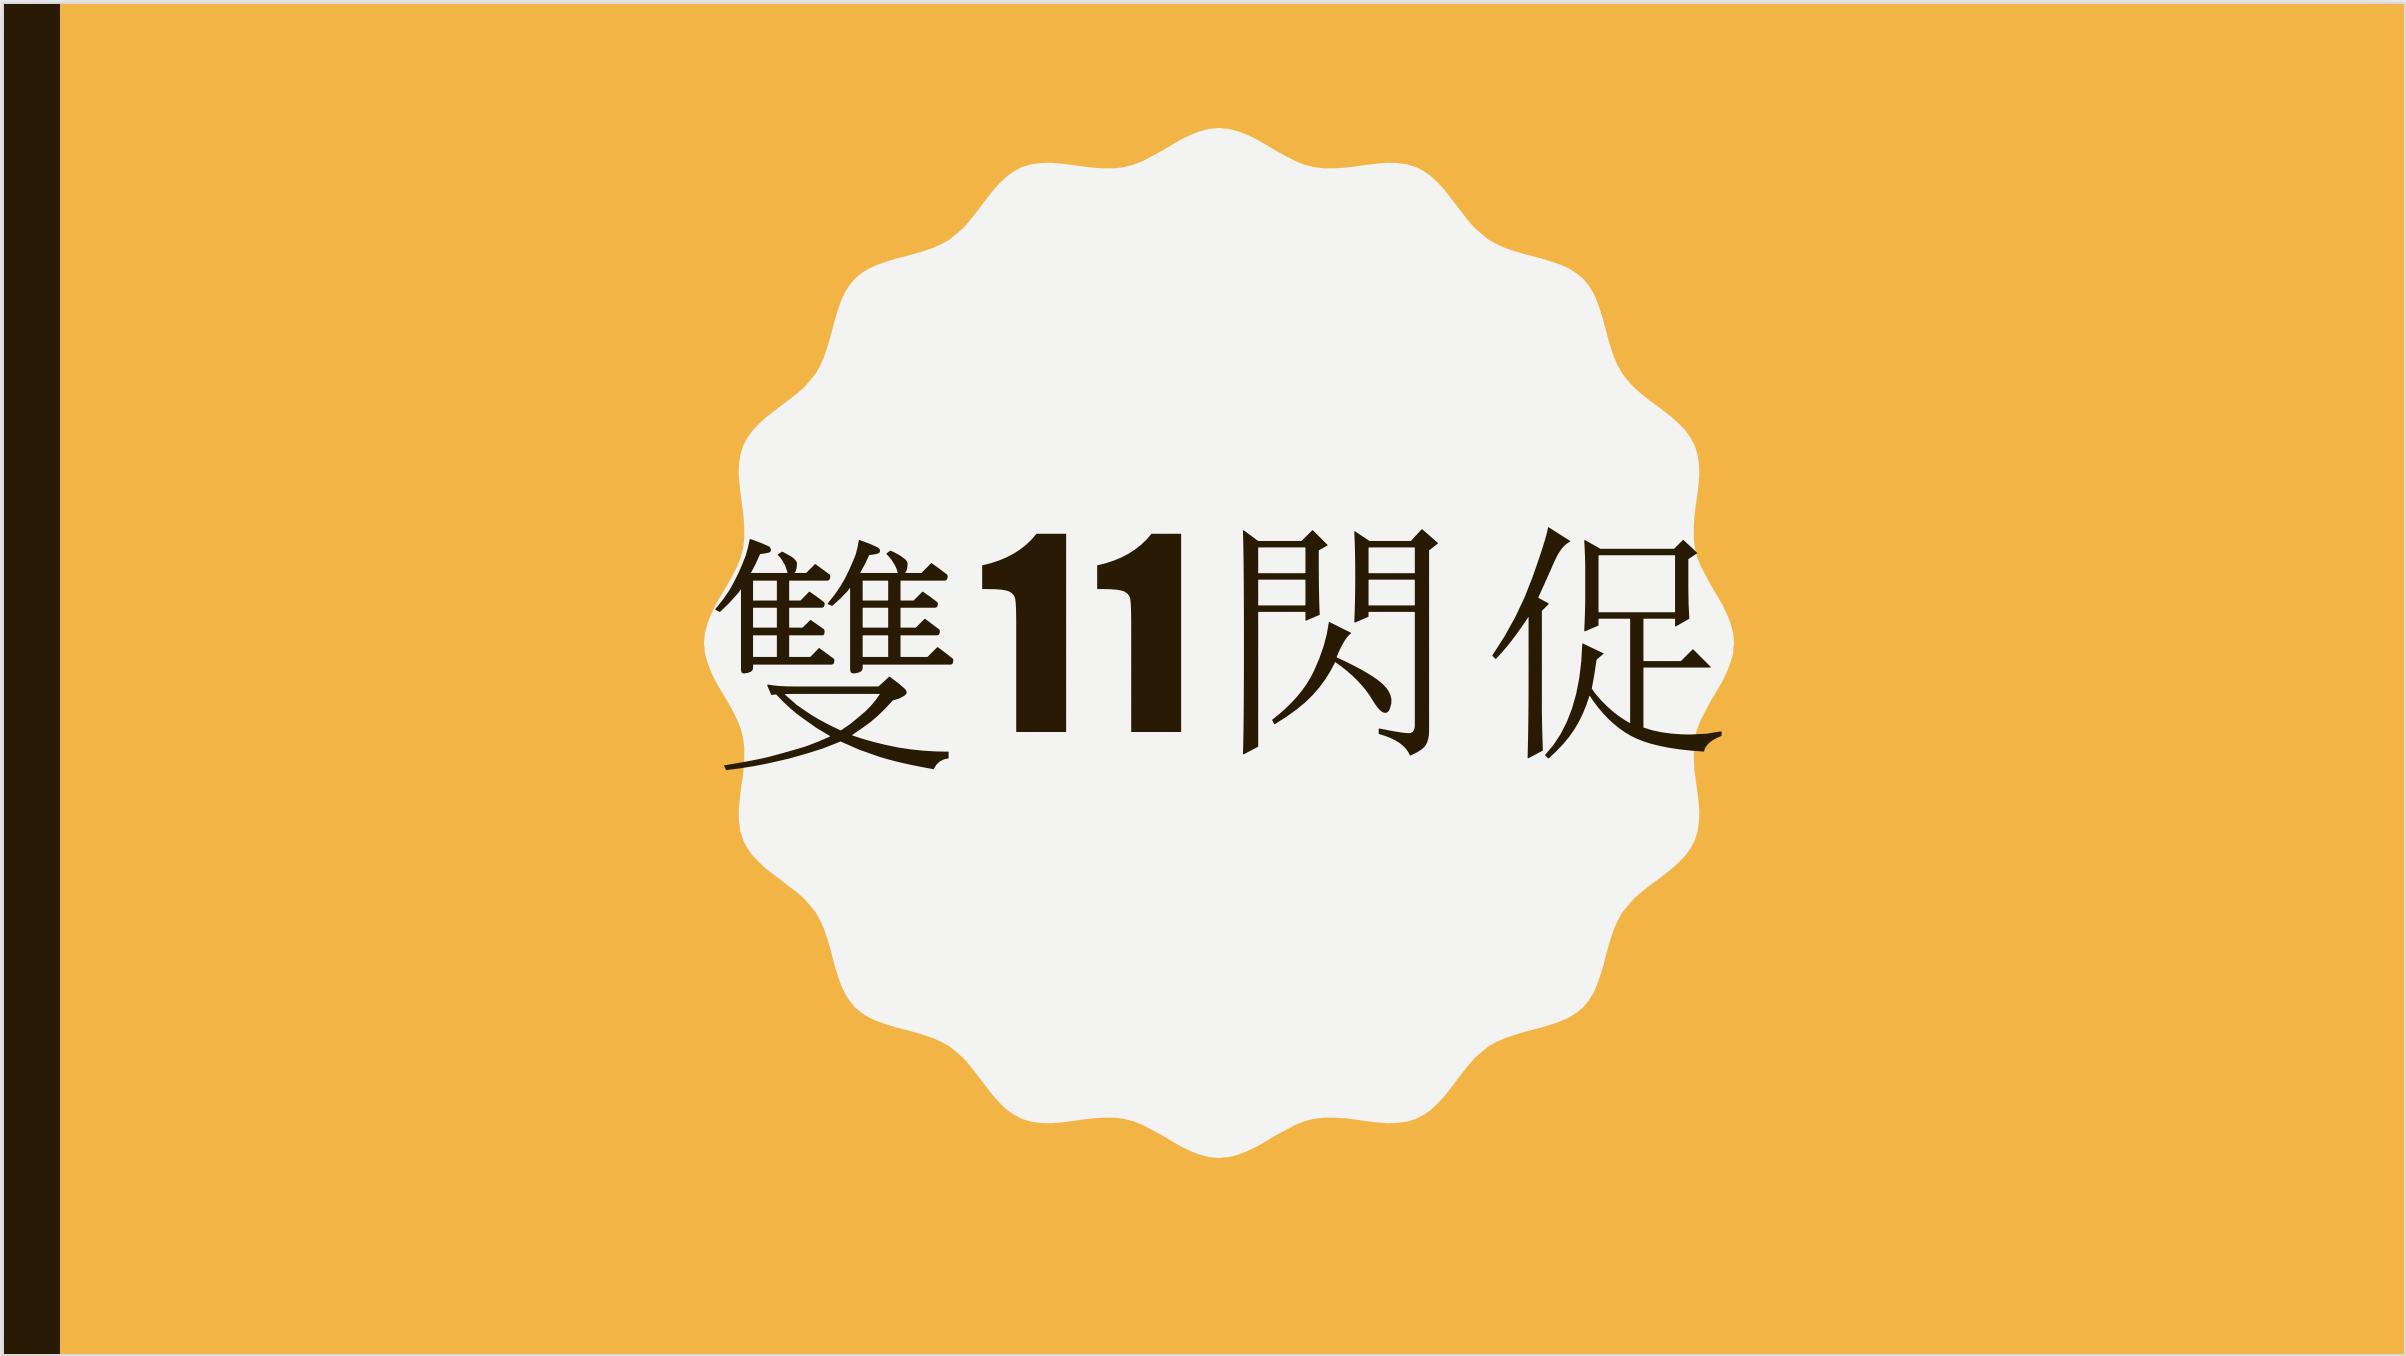 即時熱門文章:雙11促銷當日活動|晶華、圓山、華泰、中山雅樂軒快閃優惠整理~